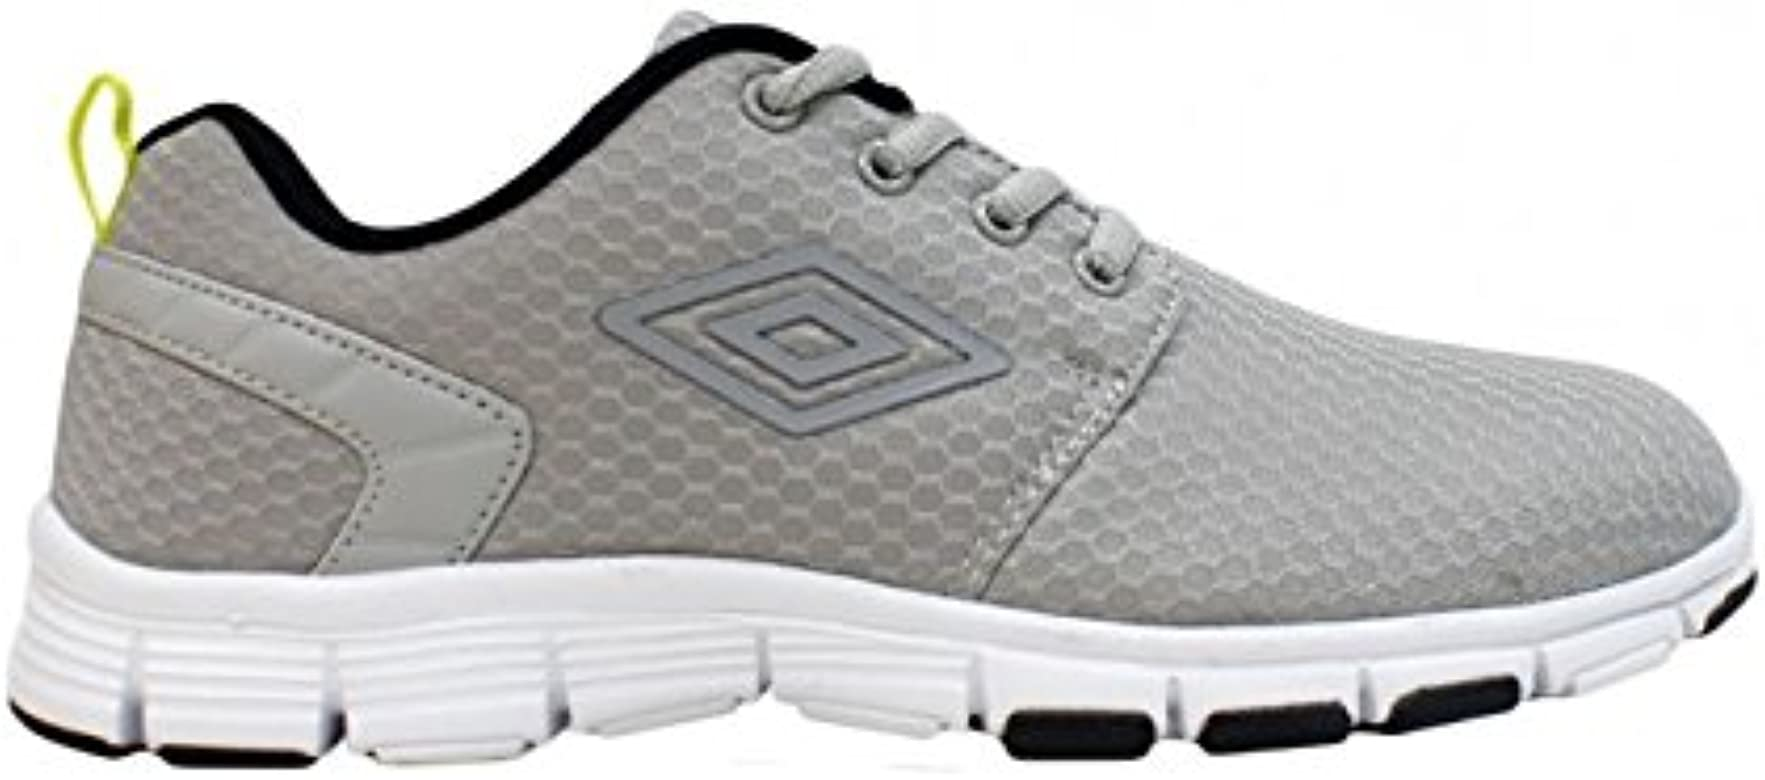 Umbro - Zapatillas de Running para Hombre Gris Size: 44.5: Amazon.es: Zapatos y complementos